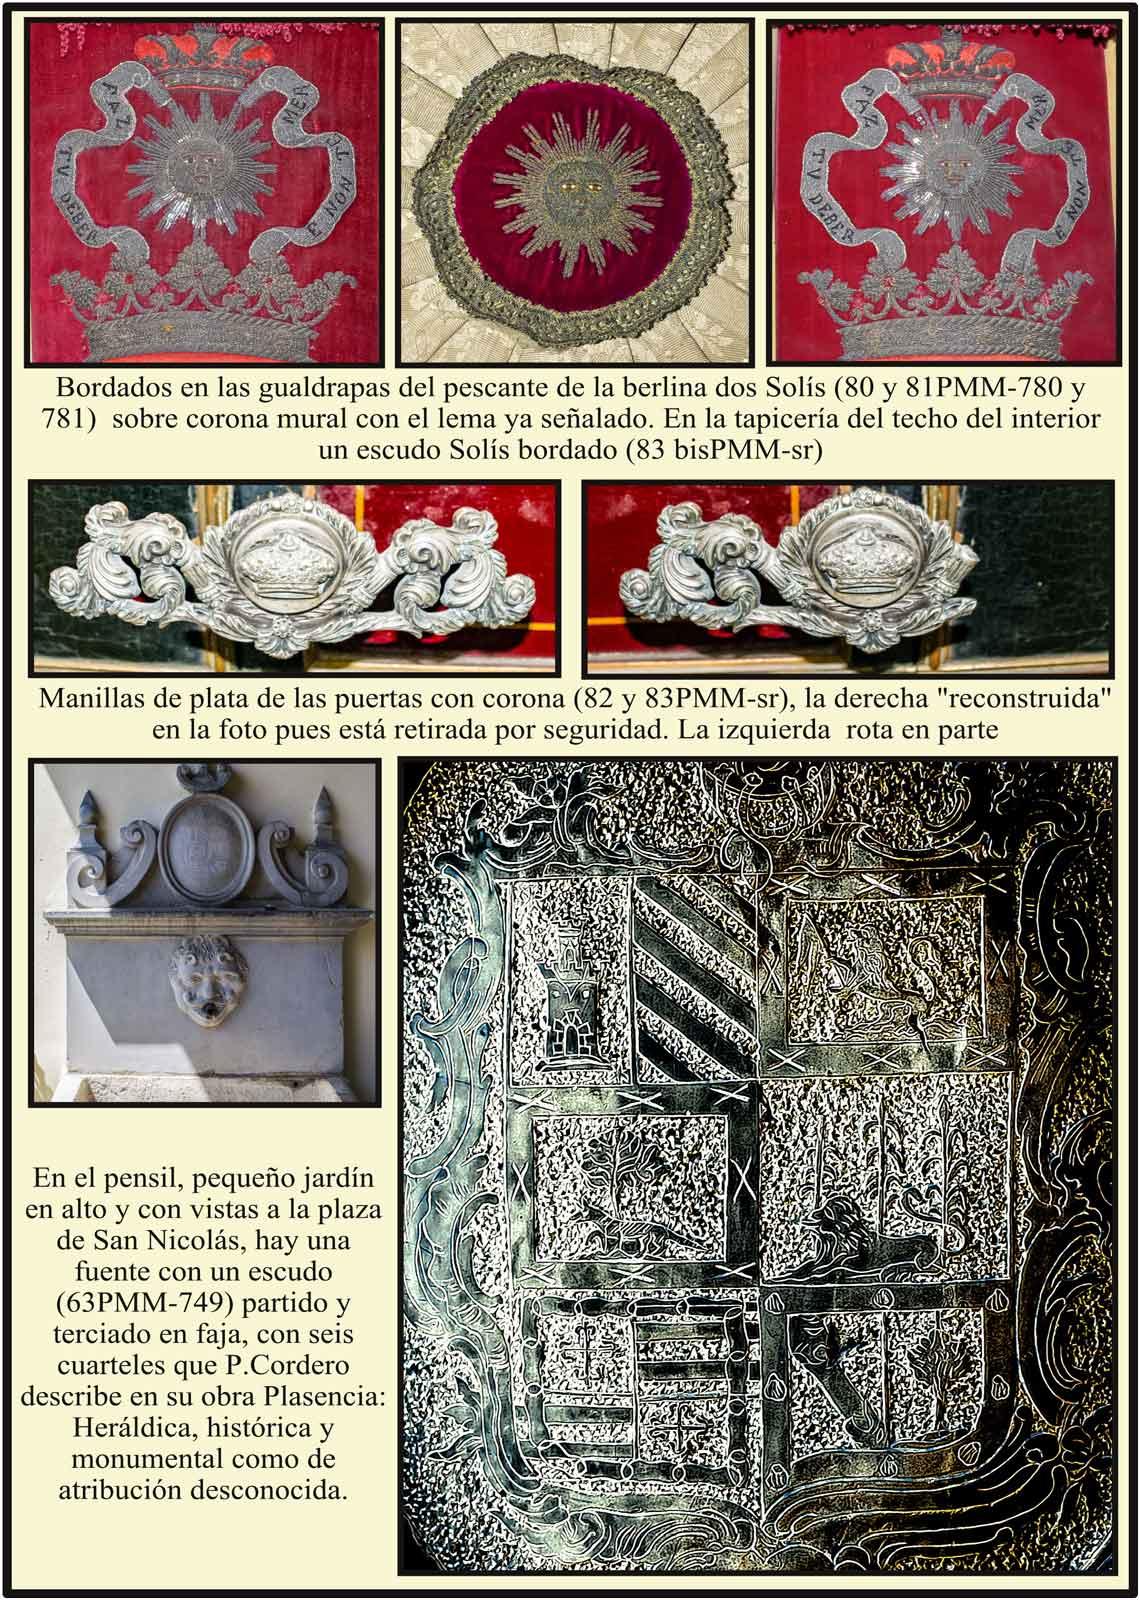 Manillas de plata en las puertas de la berlina de gala. Escudos Solis en las gualdrapas del pescante. Plasencia Palacio del Marqués de Mirabel